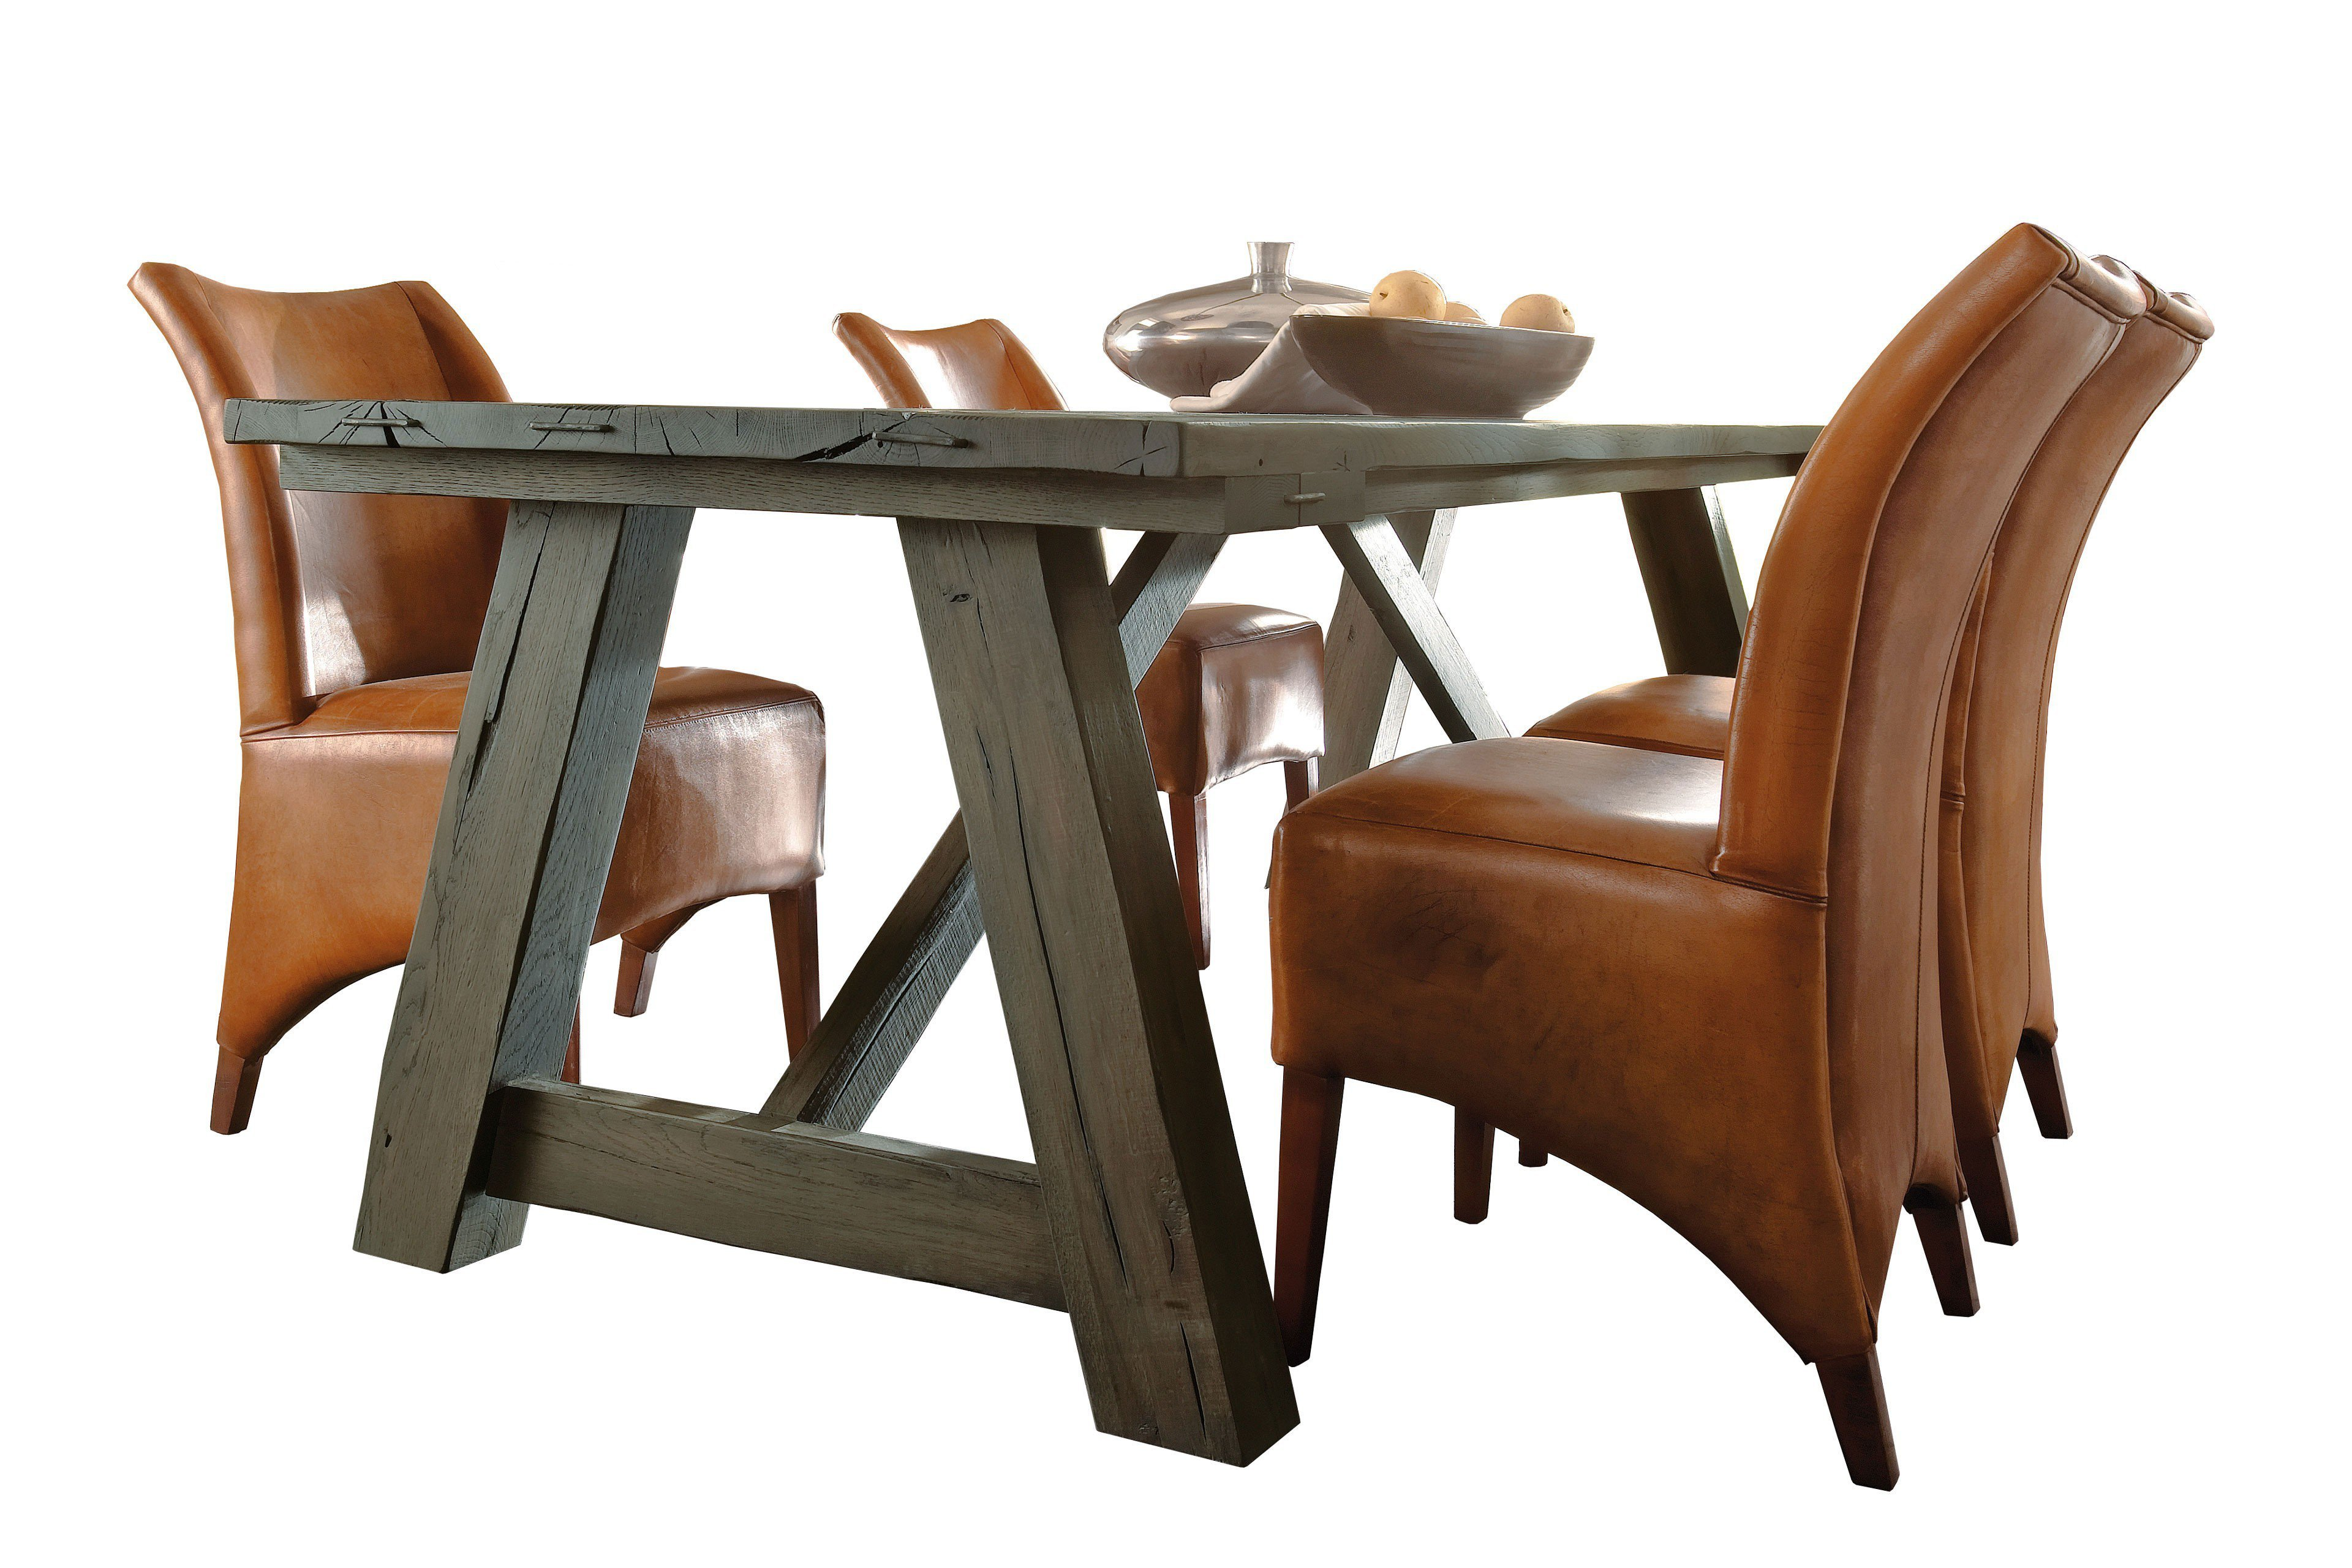 Esszimmer Möbel Vintage : Unglaublich schöne dekoration favorit möbel vintage esszimmer